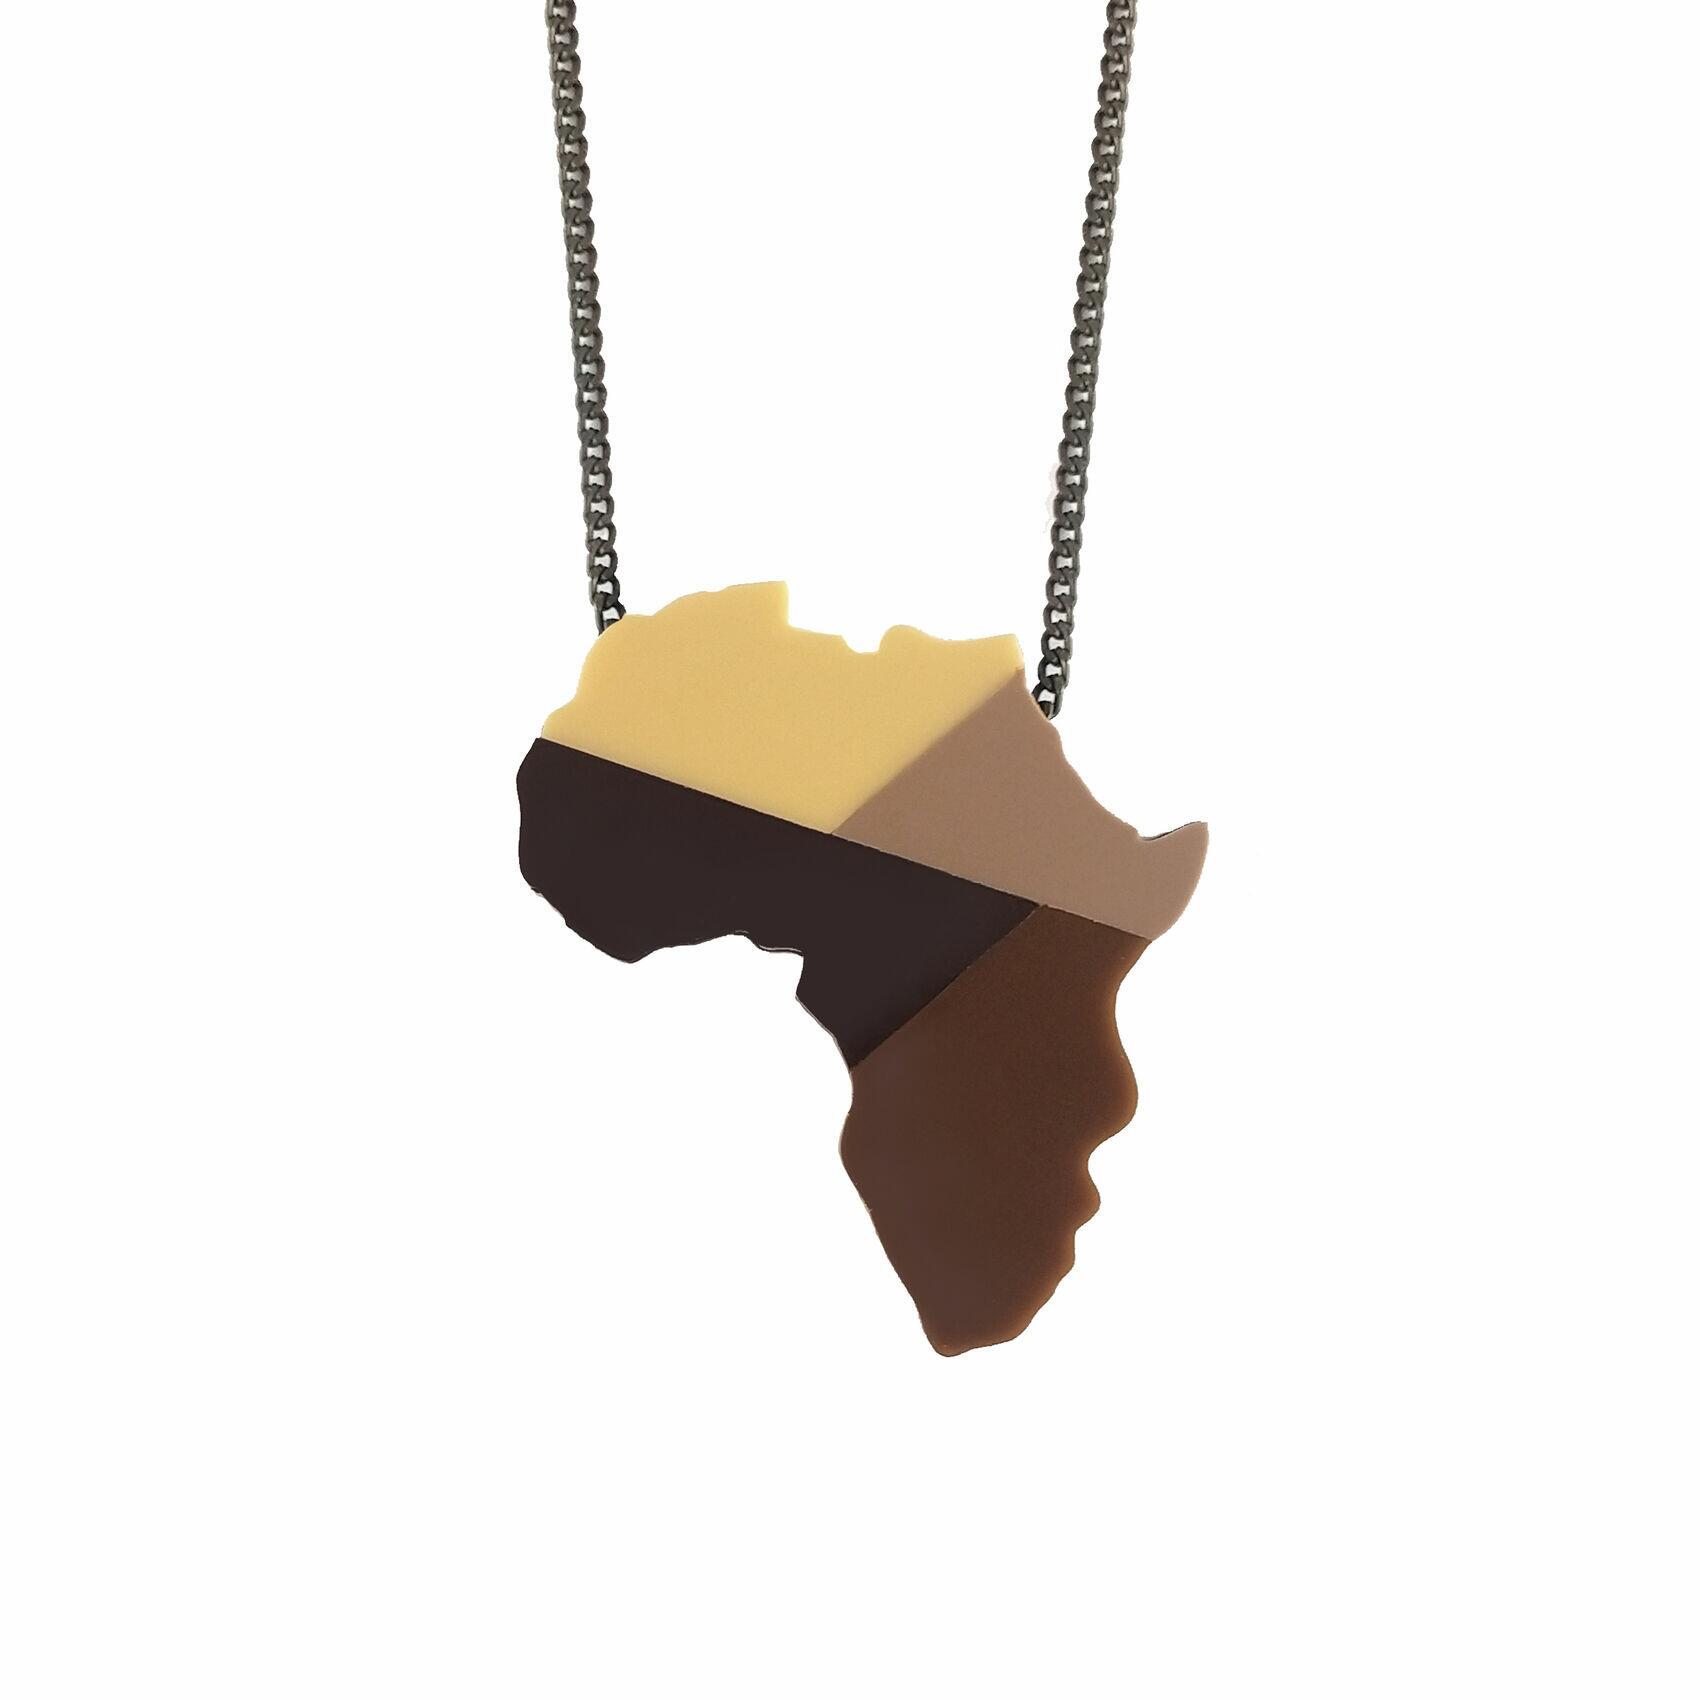 Colar De Continente Africano Ubuntu Africa Saúda Afro